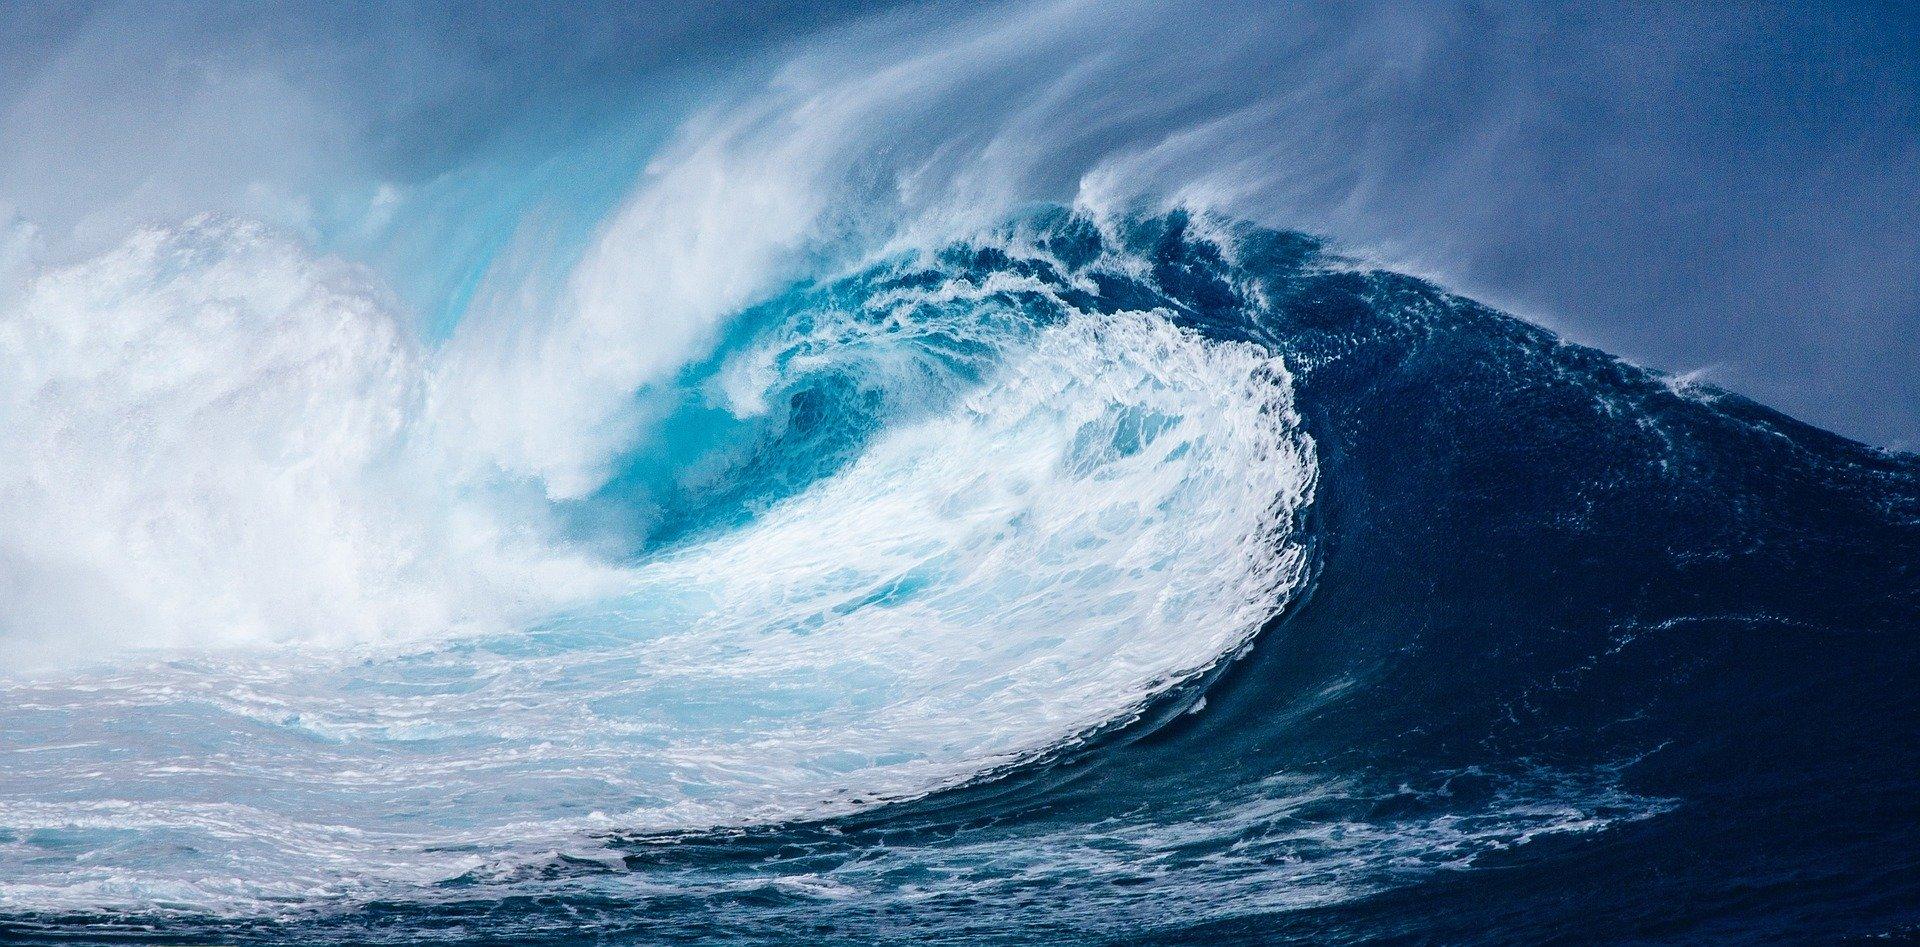 La mer inondera les côtes